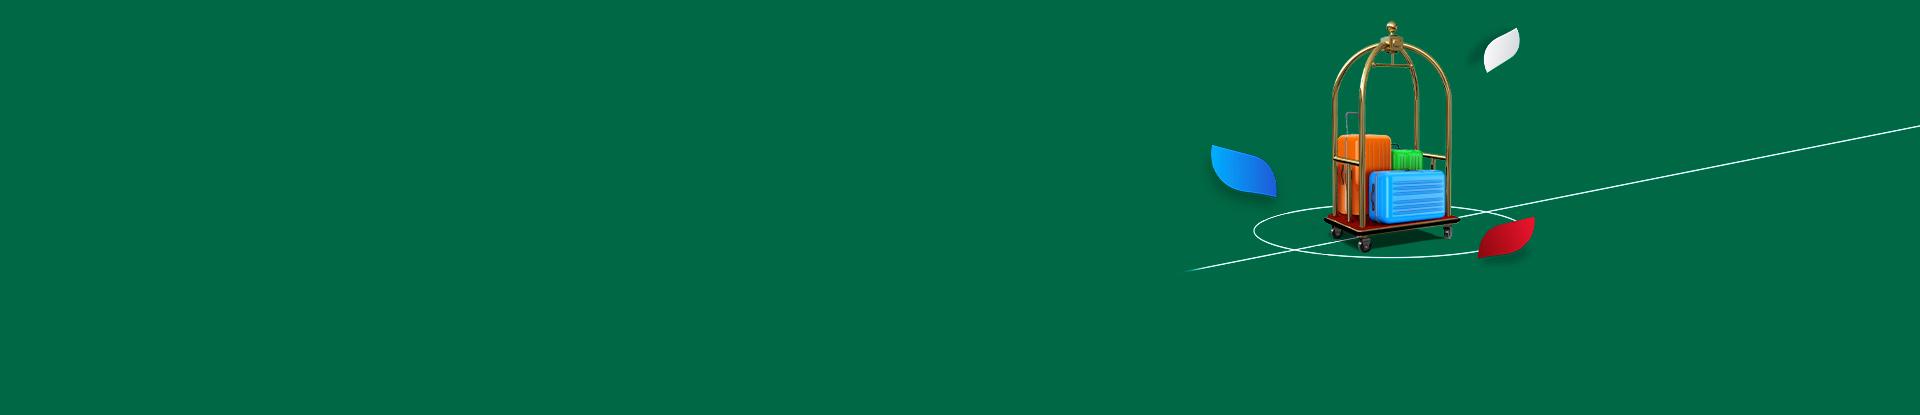 Поддерживай сборную Роcсии по футболу — получай выгоду за бронирование отелей